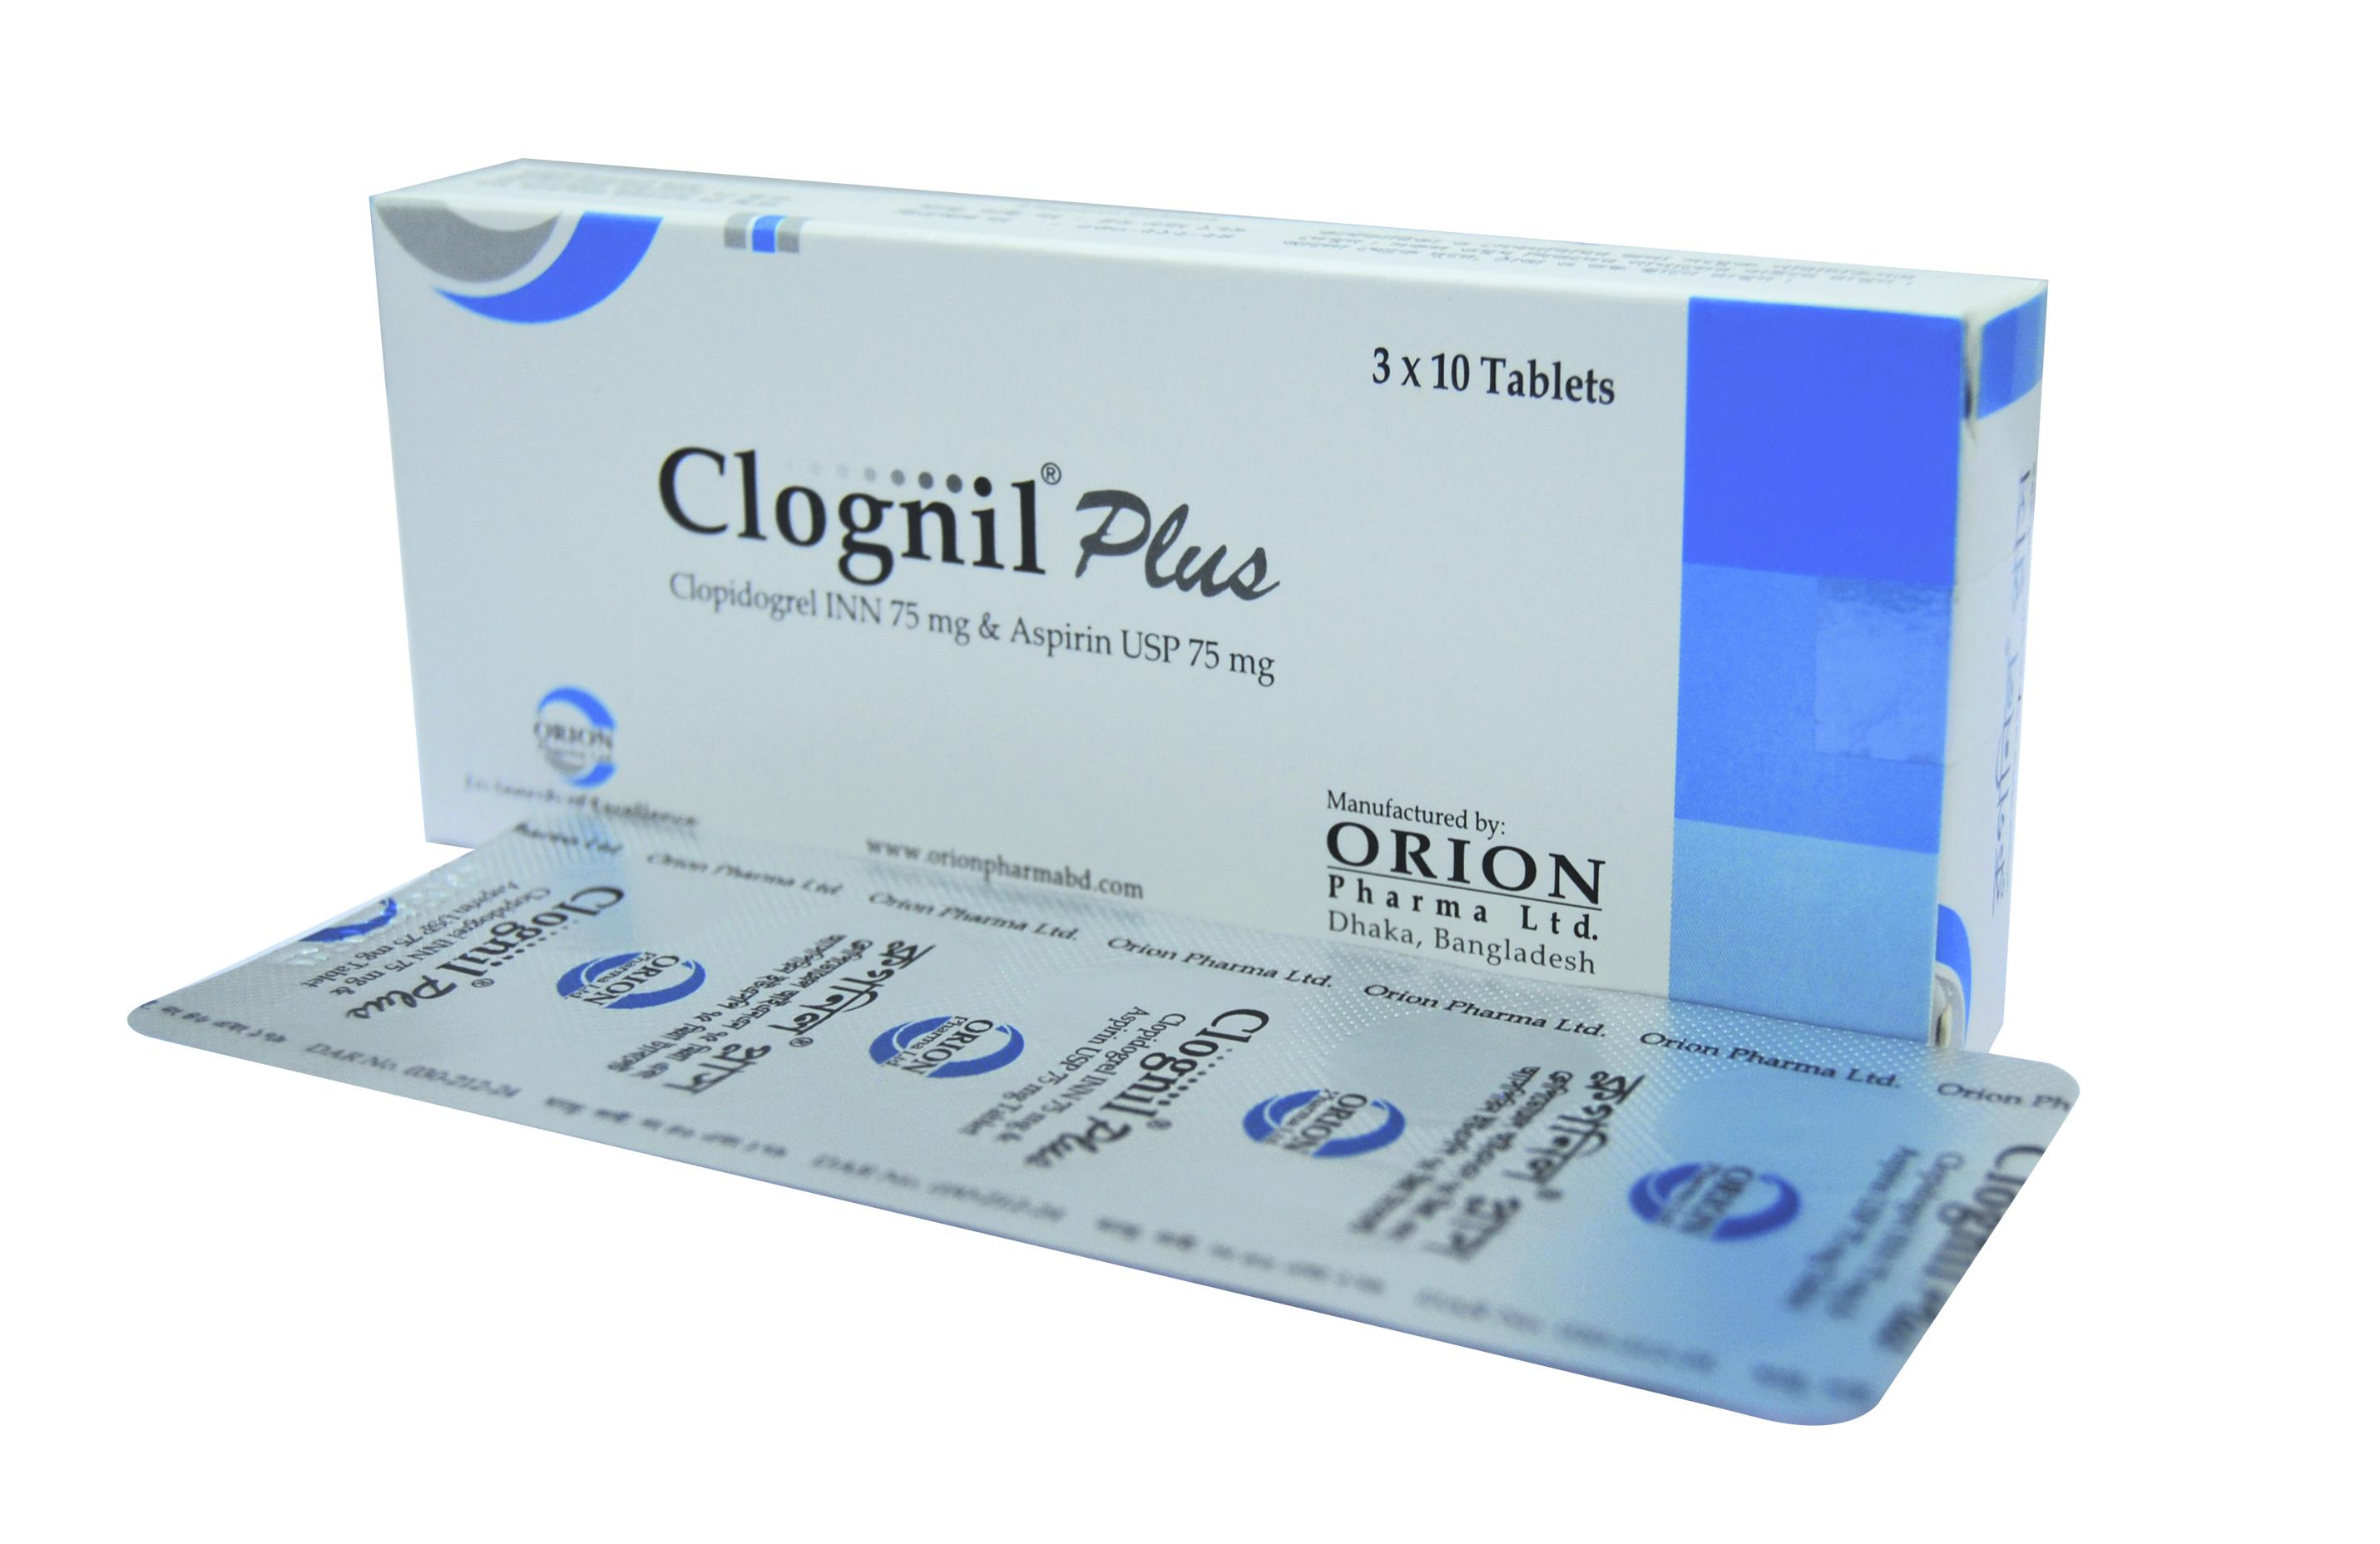 Clognil Plus